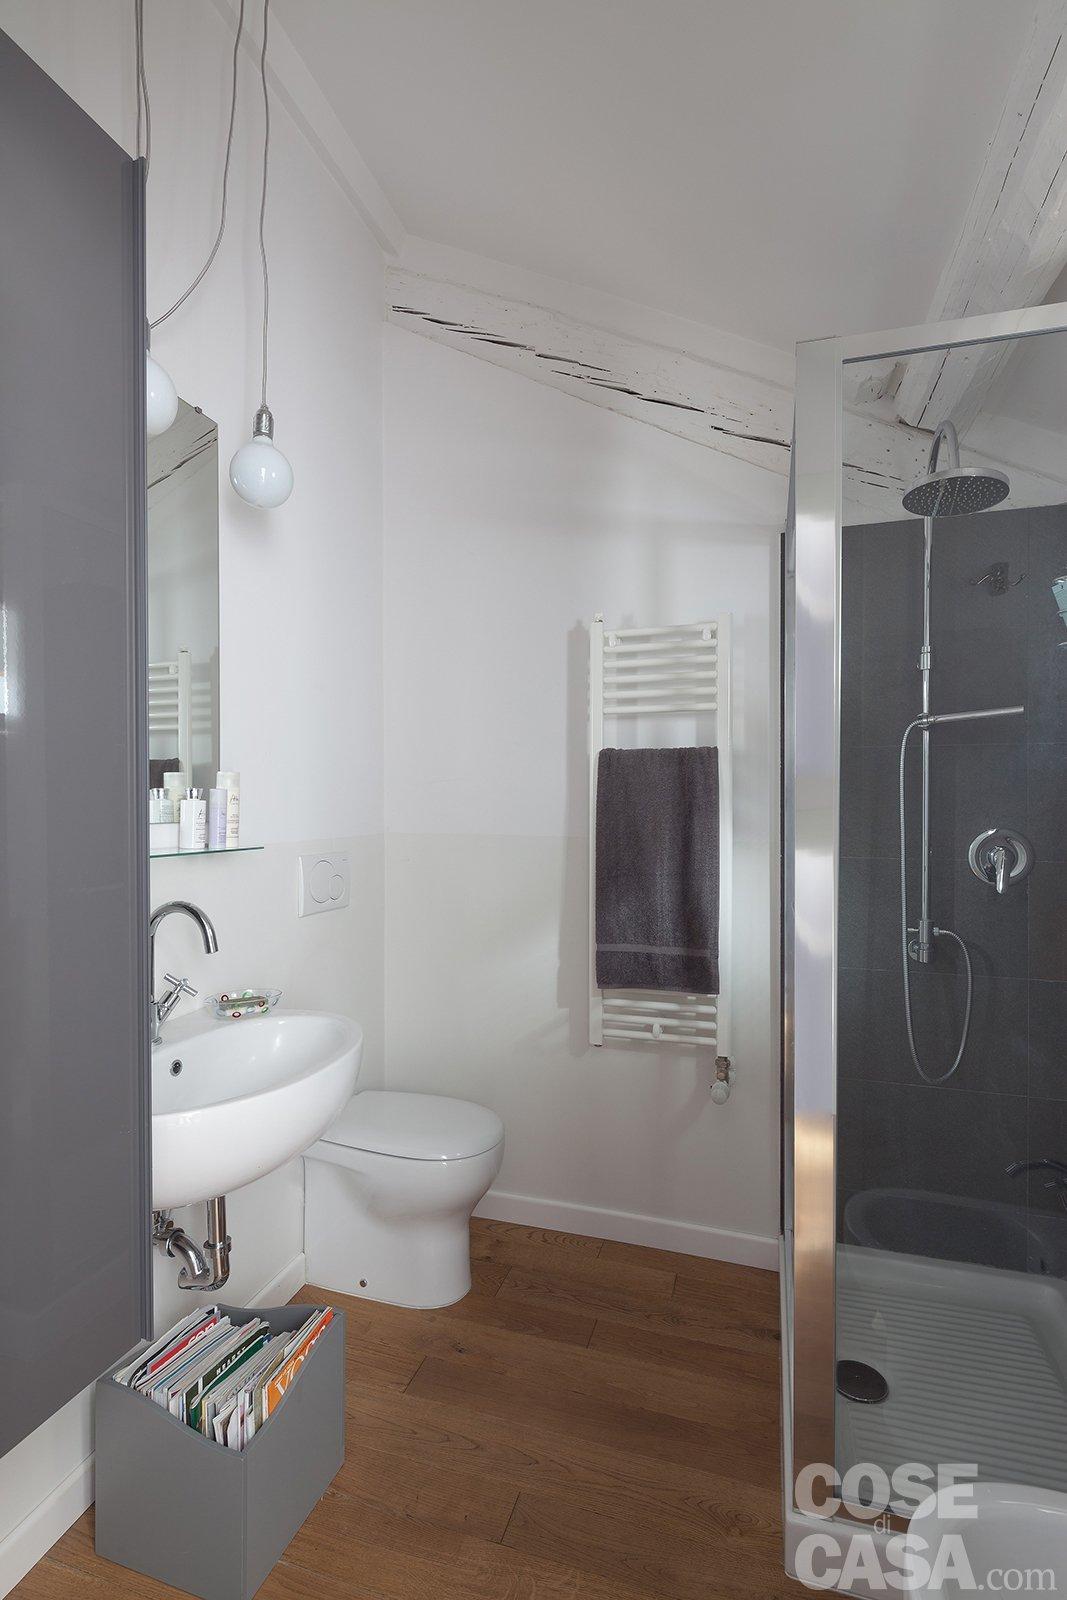 58 mq trasformati con mini interventi cose di casa for Piccoli progetti di case gratuiti